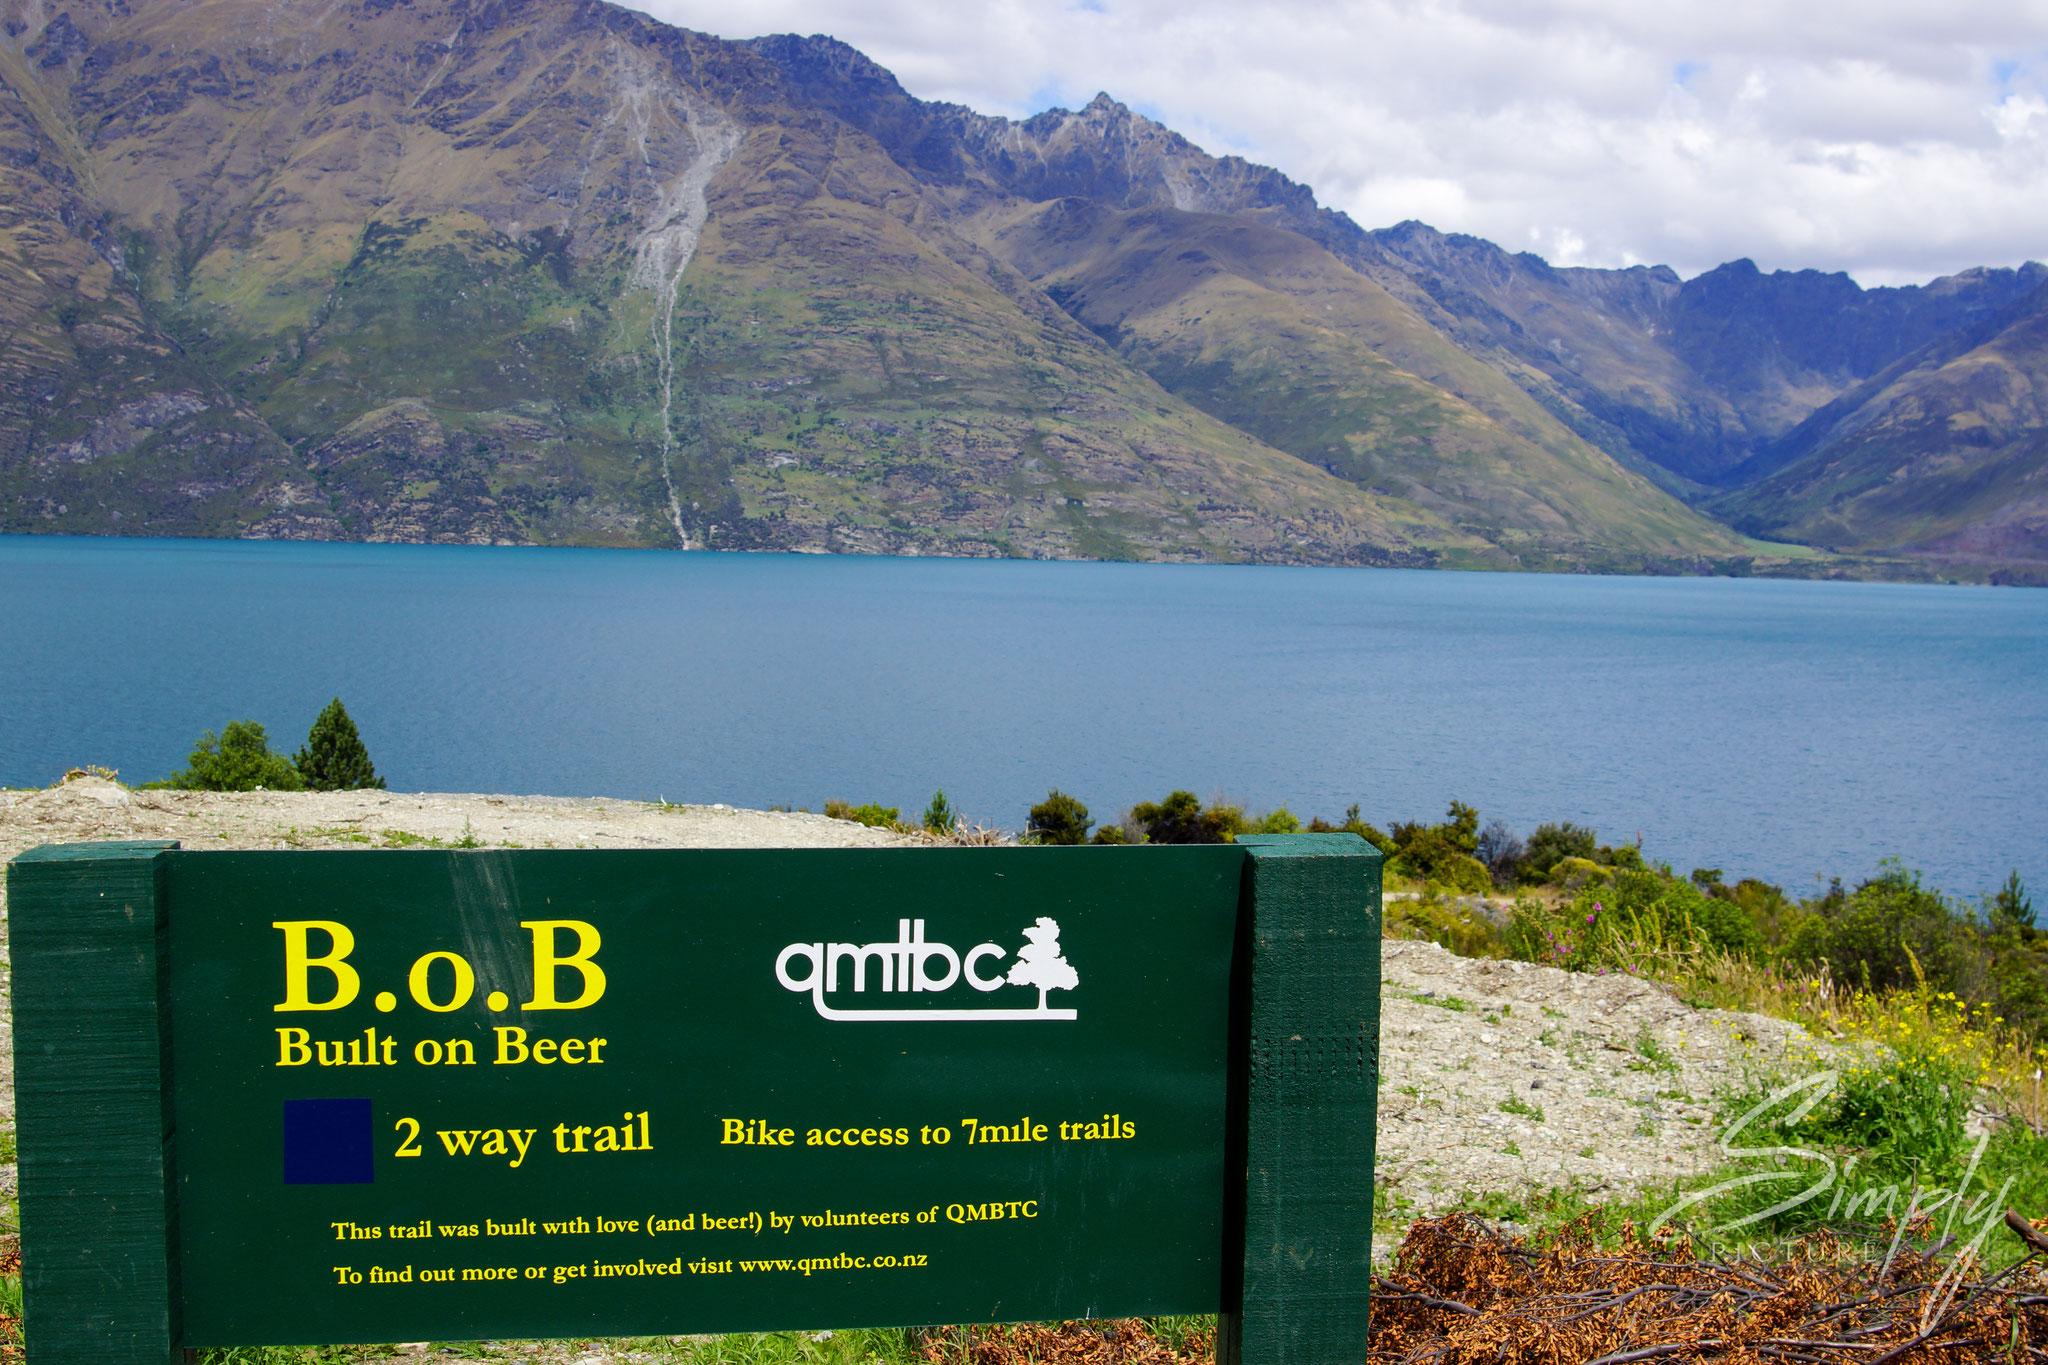 Queenstown, offizielles Schild der neuseeländischen Naturschutzbehörde zu einem Weg welcher für Wanderer und Biker erbaut wurde